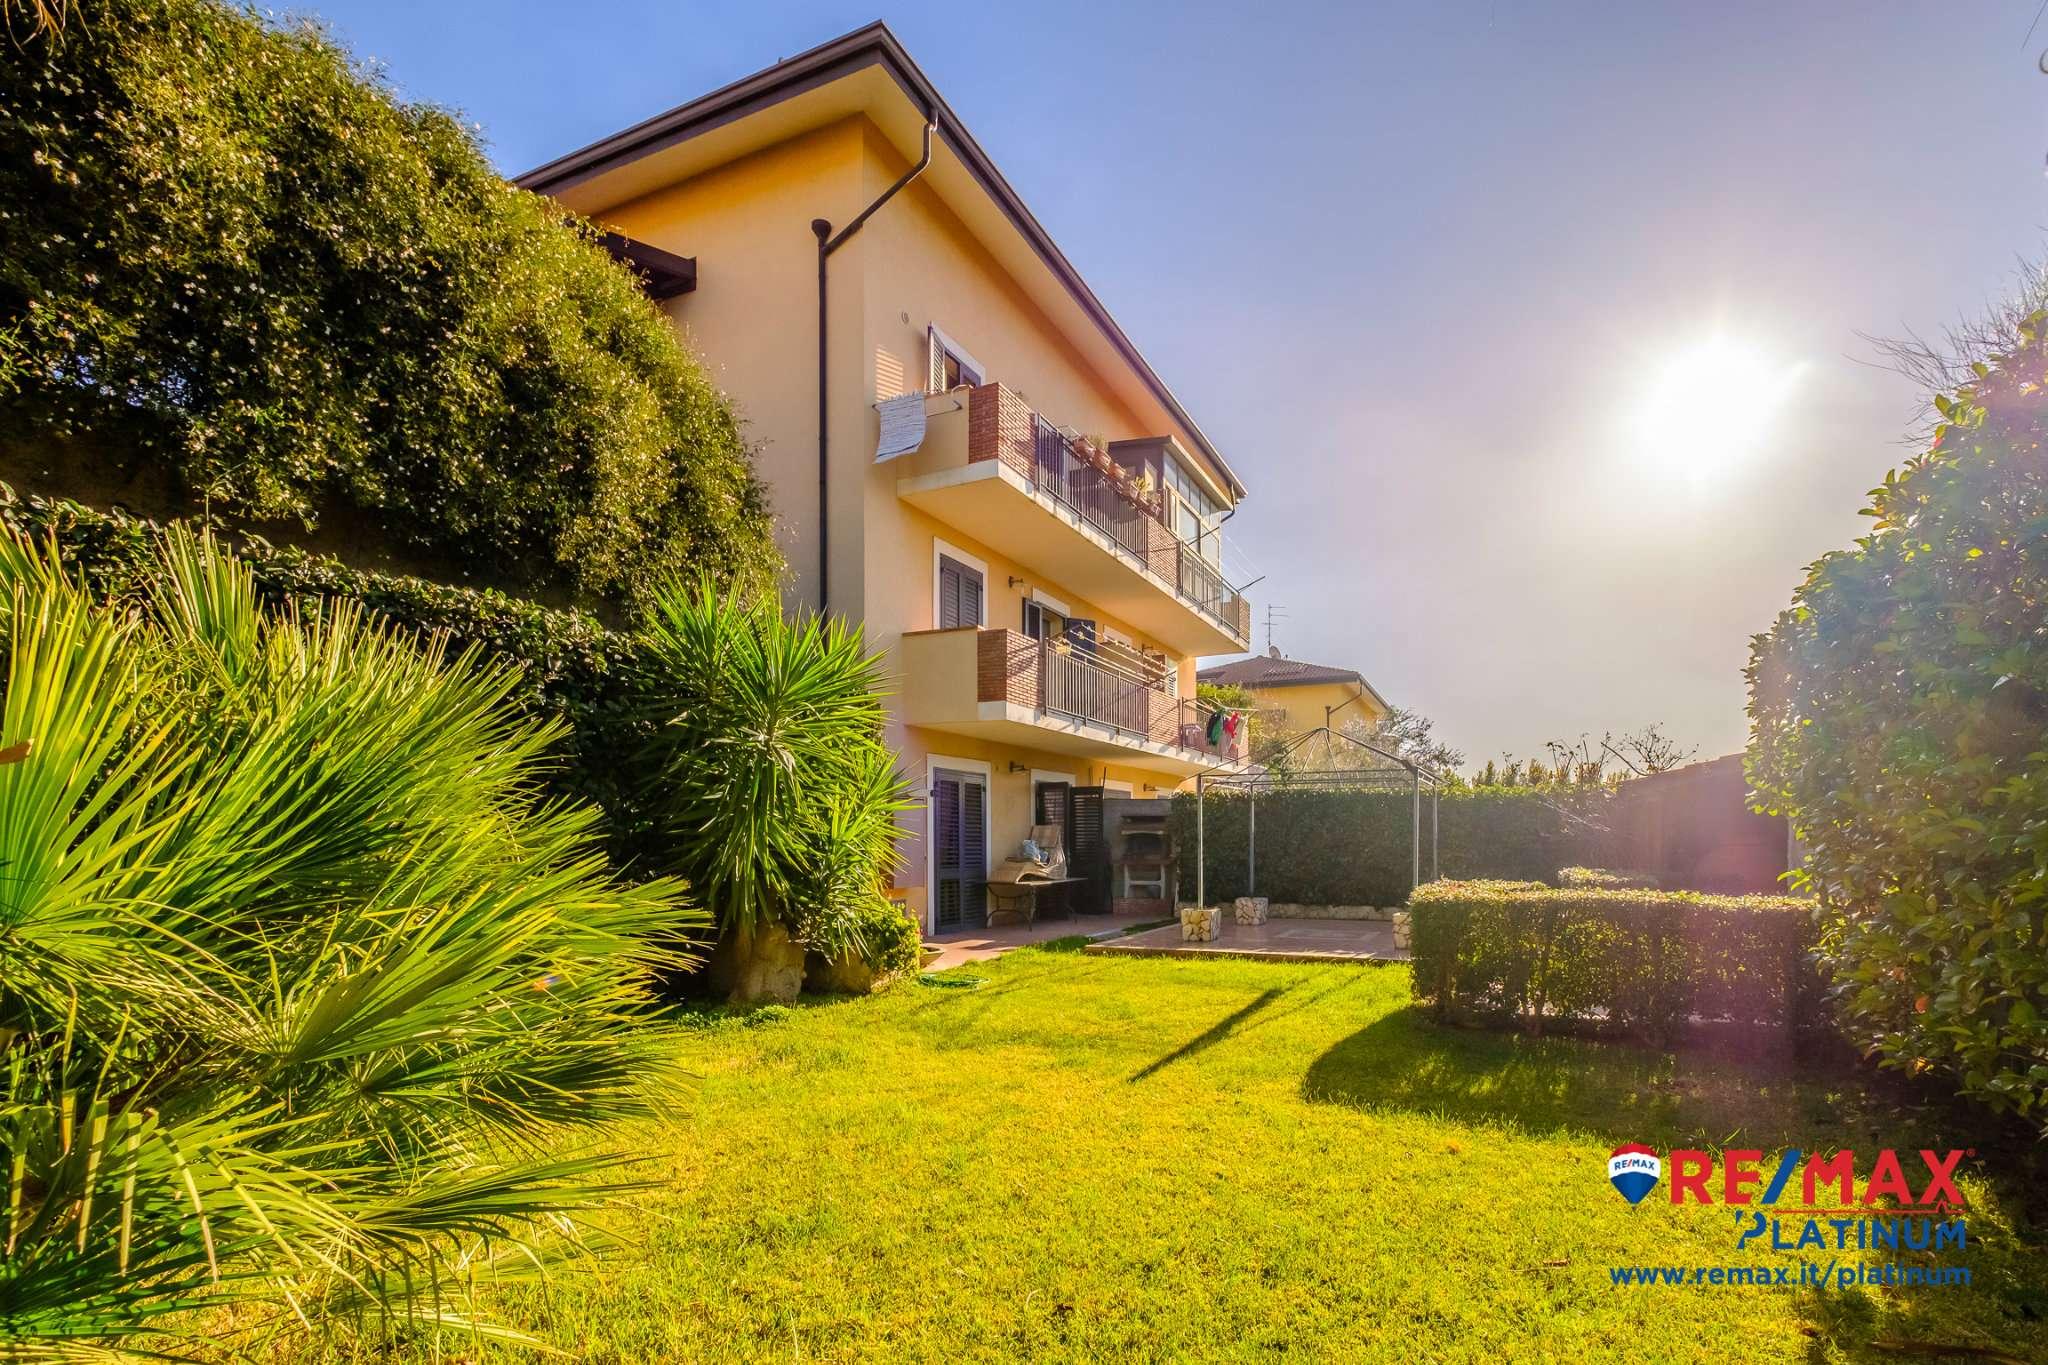 Villa in vendita a Mascalucia, 5 locali, prezzo € 179.000 | CambioCasa.it